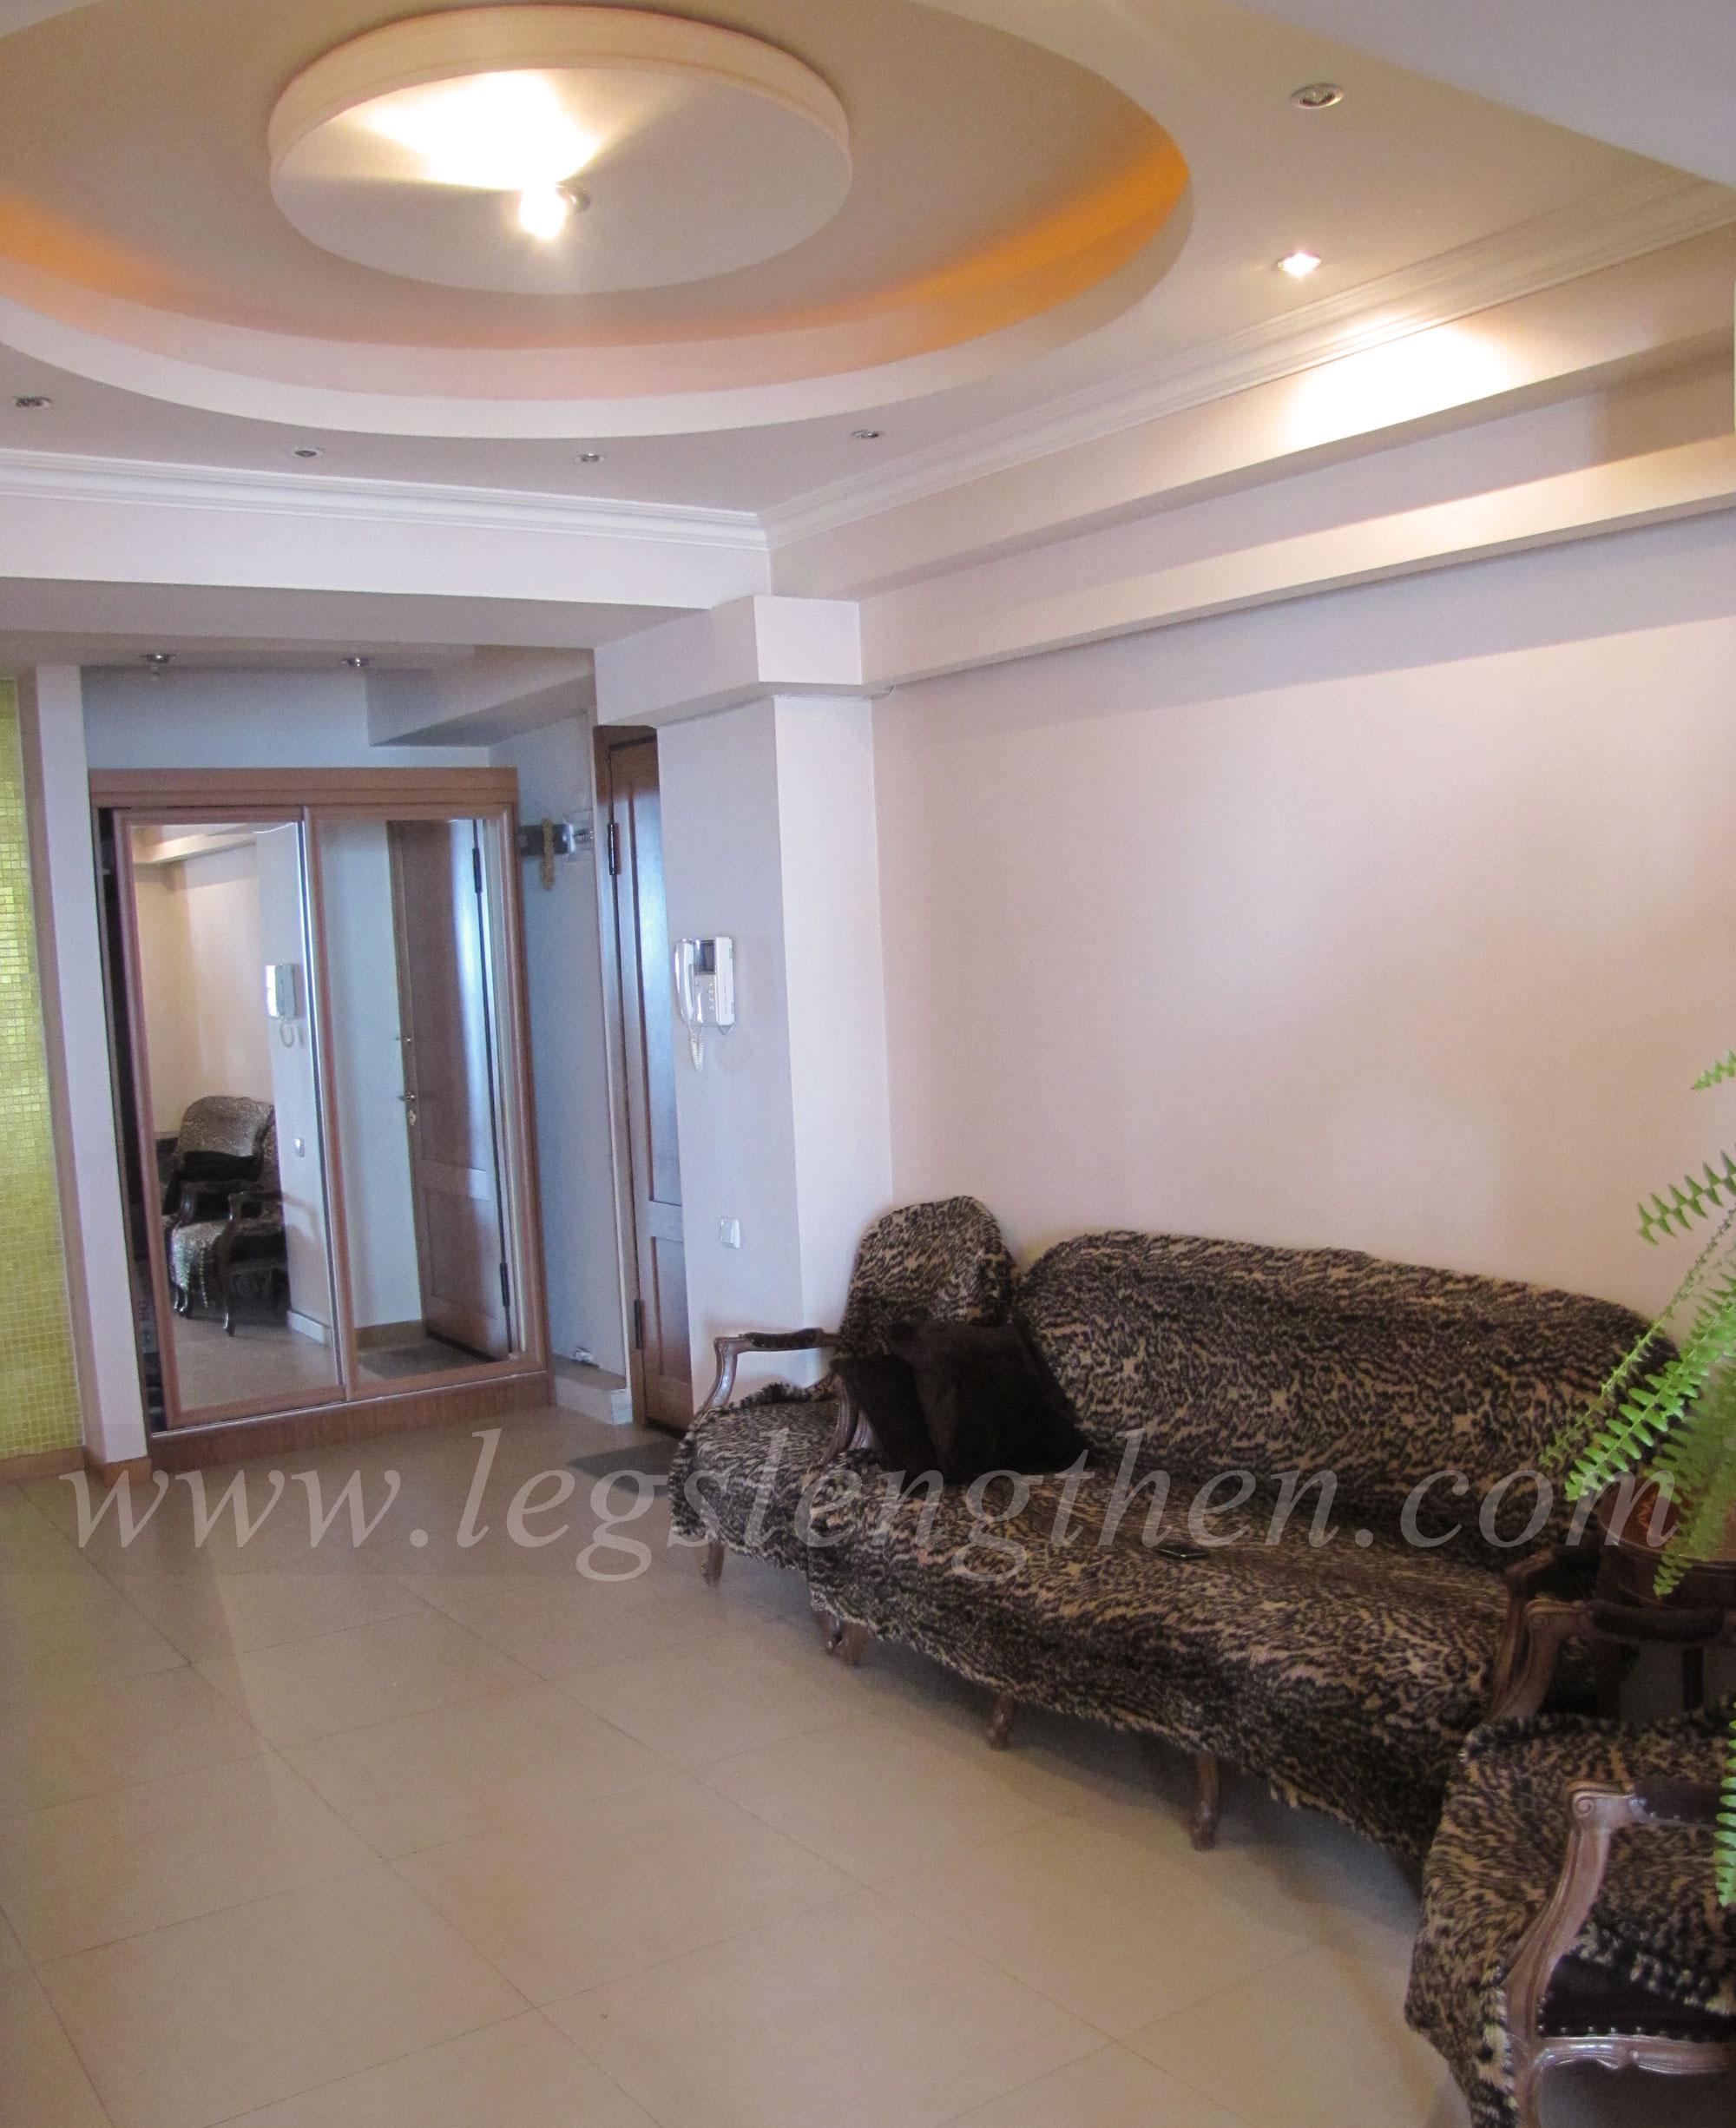 3-apartment-legs-lensgthening-armenia.jpg